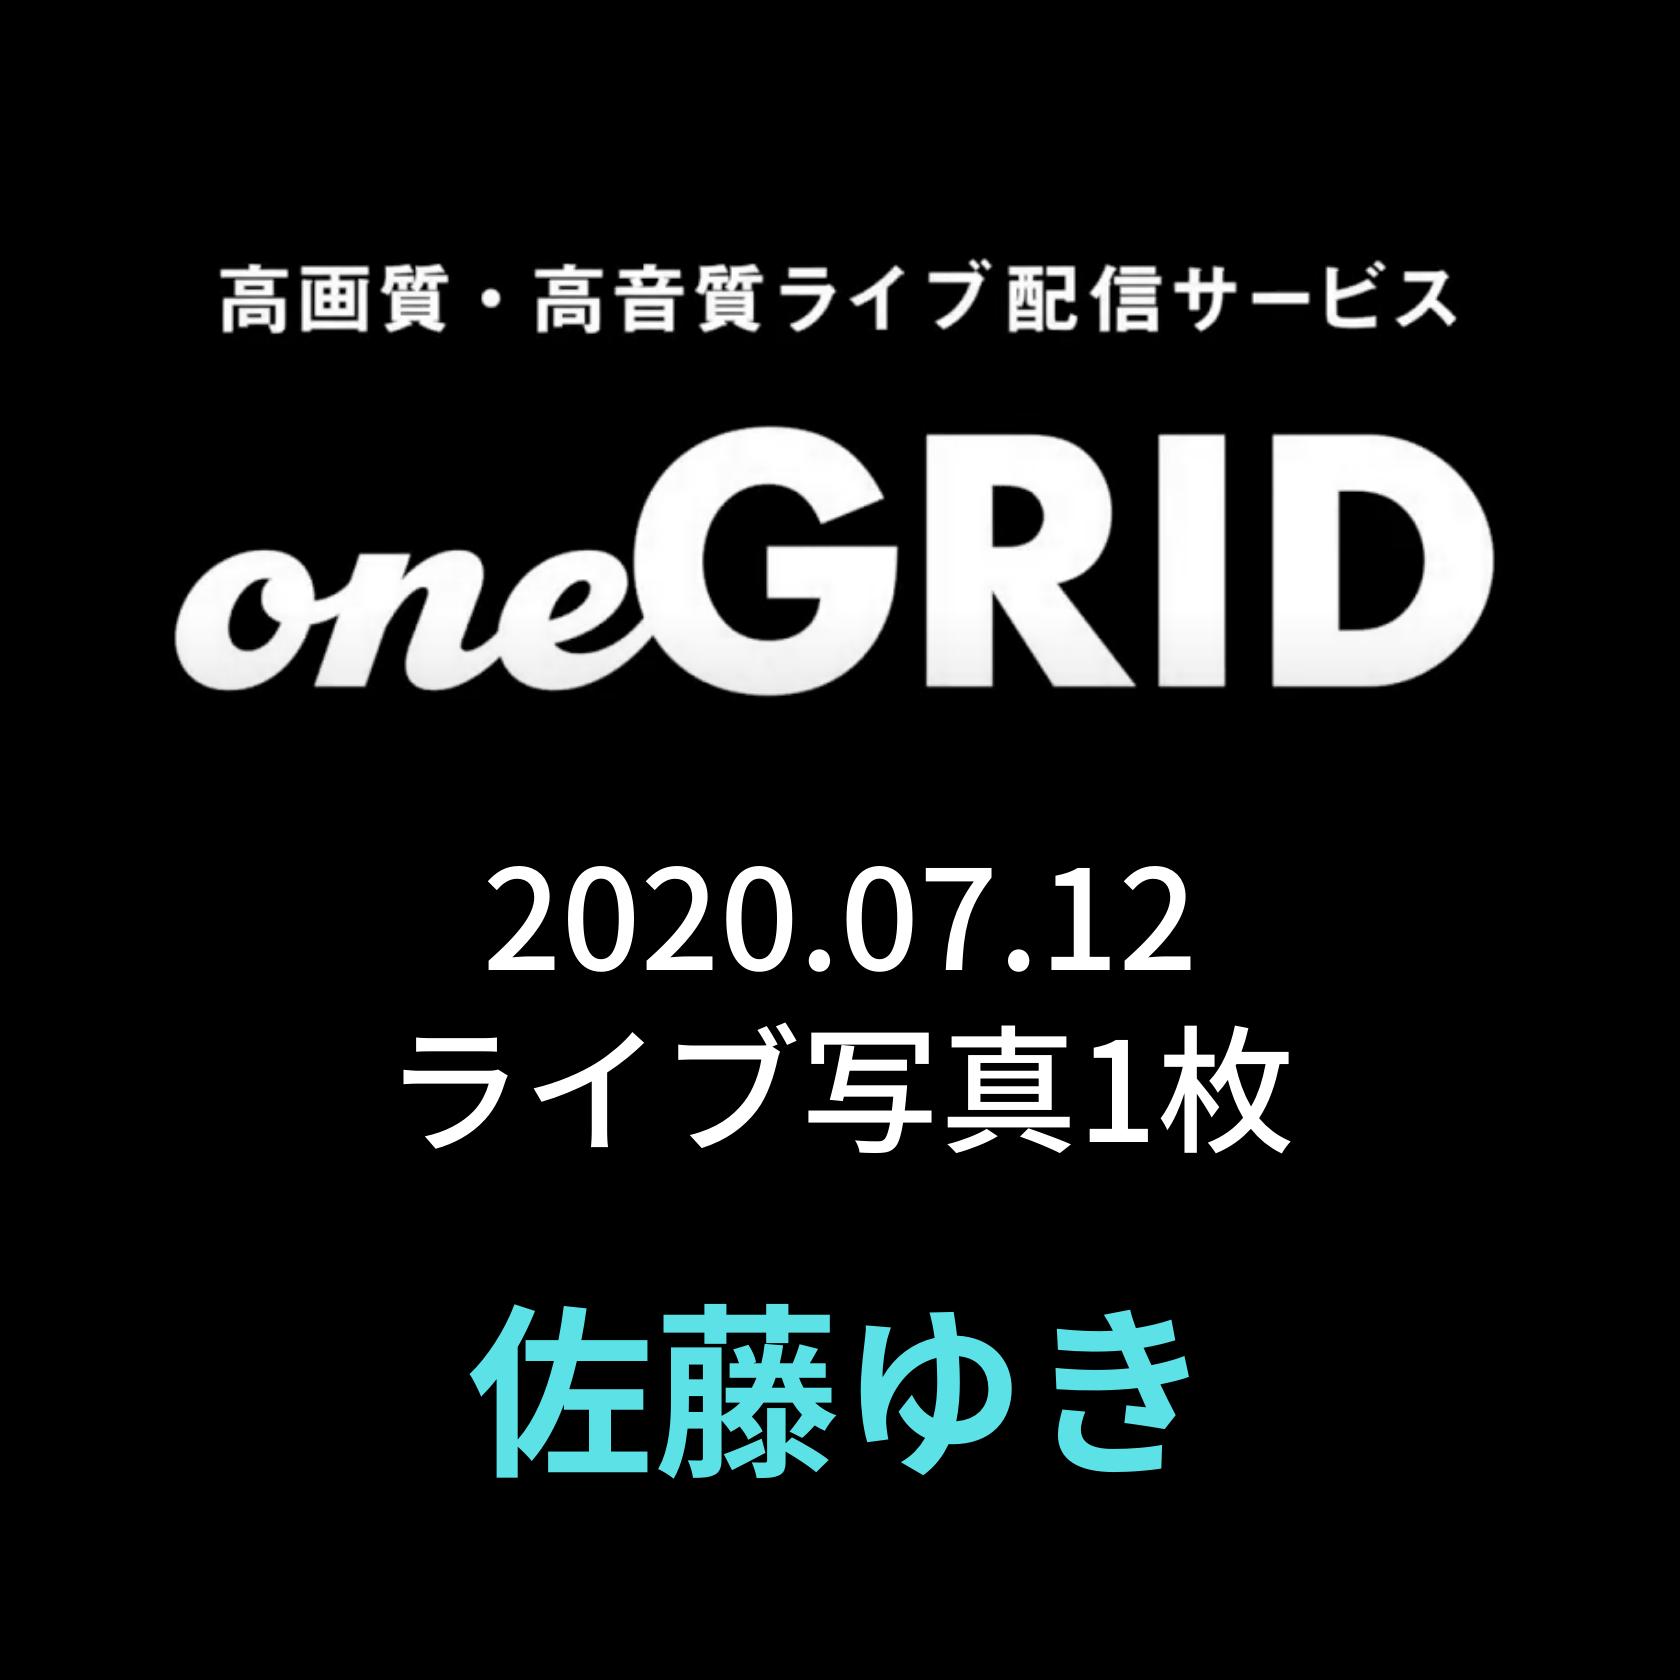 7/12 佐藤ゆき Live写真